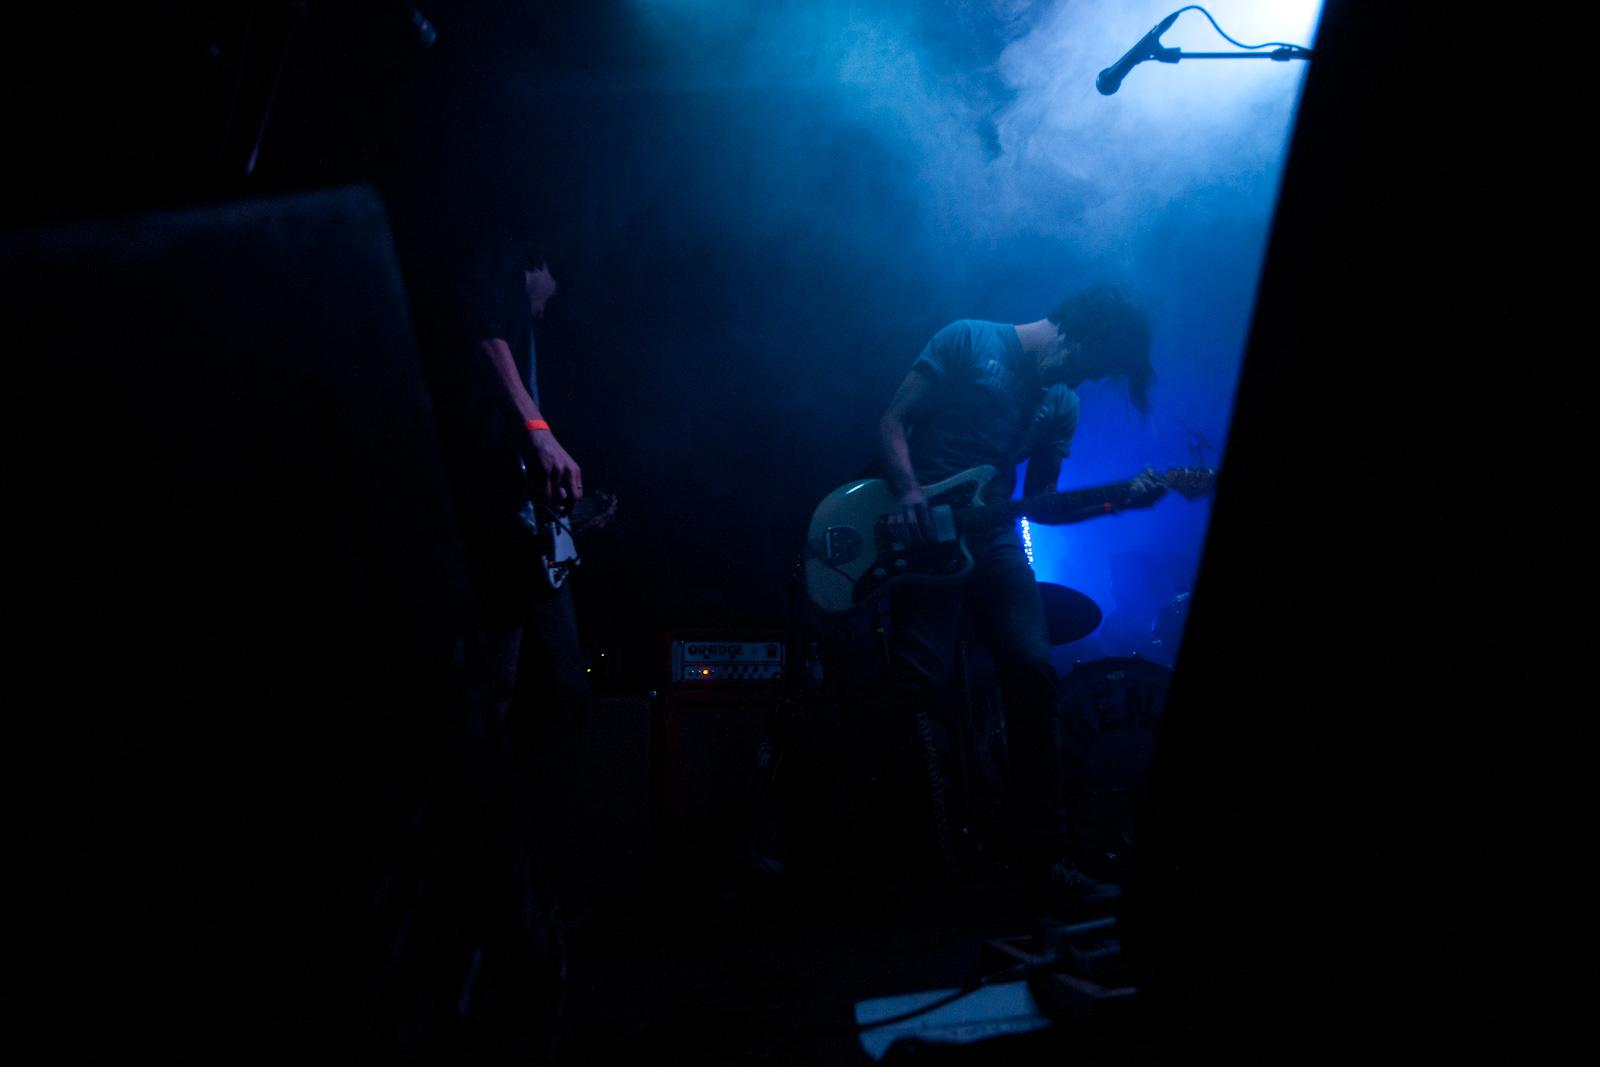 05 - Guitarist